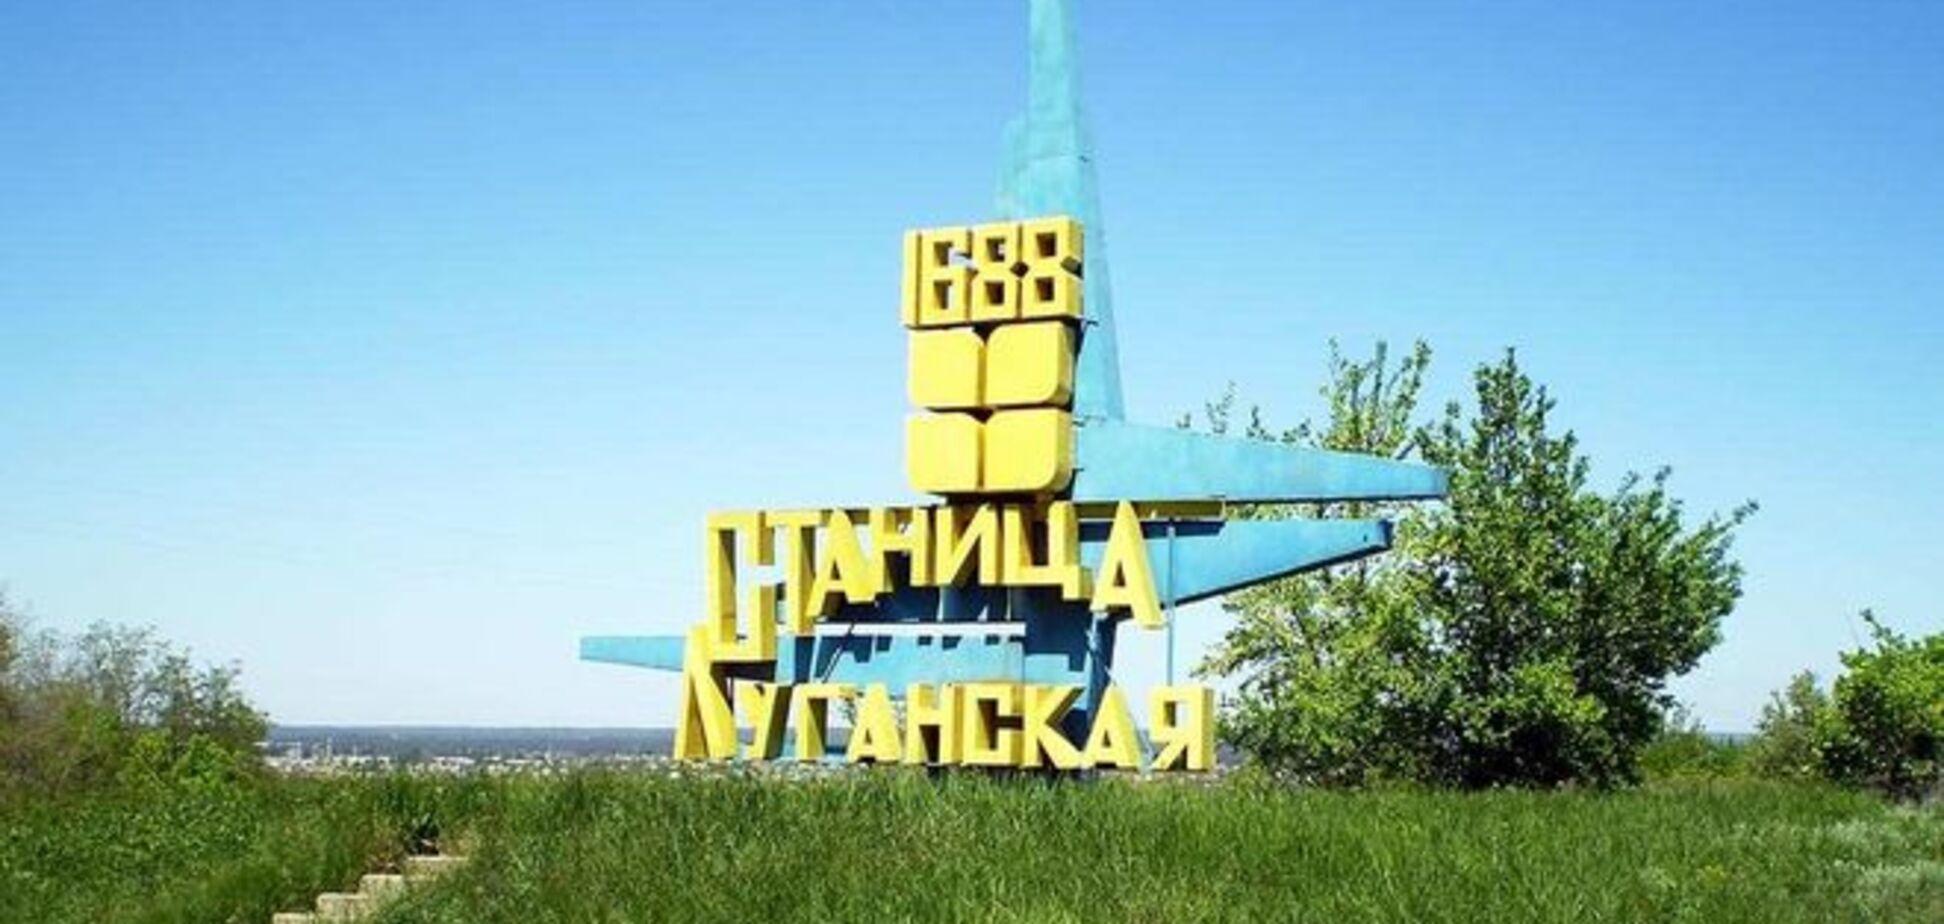 Станицу Луганскую обстреляли из гранатометов. 1 воин АТО погиб